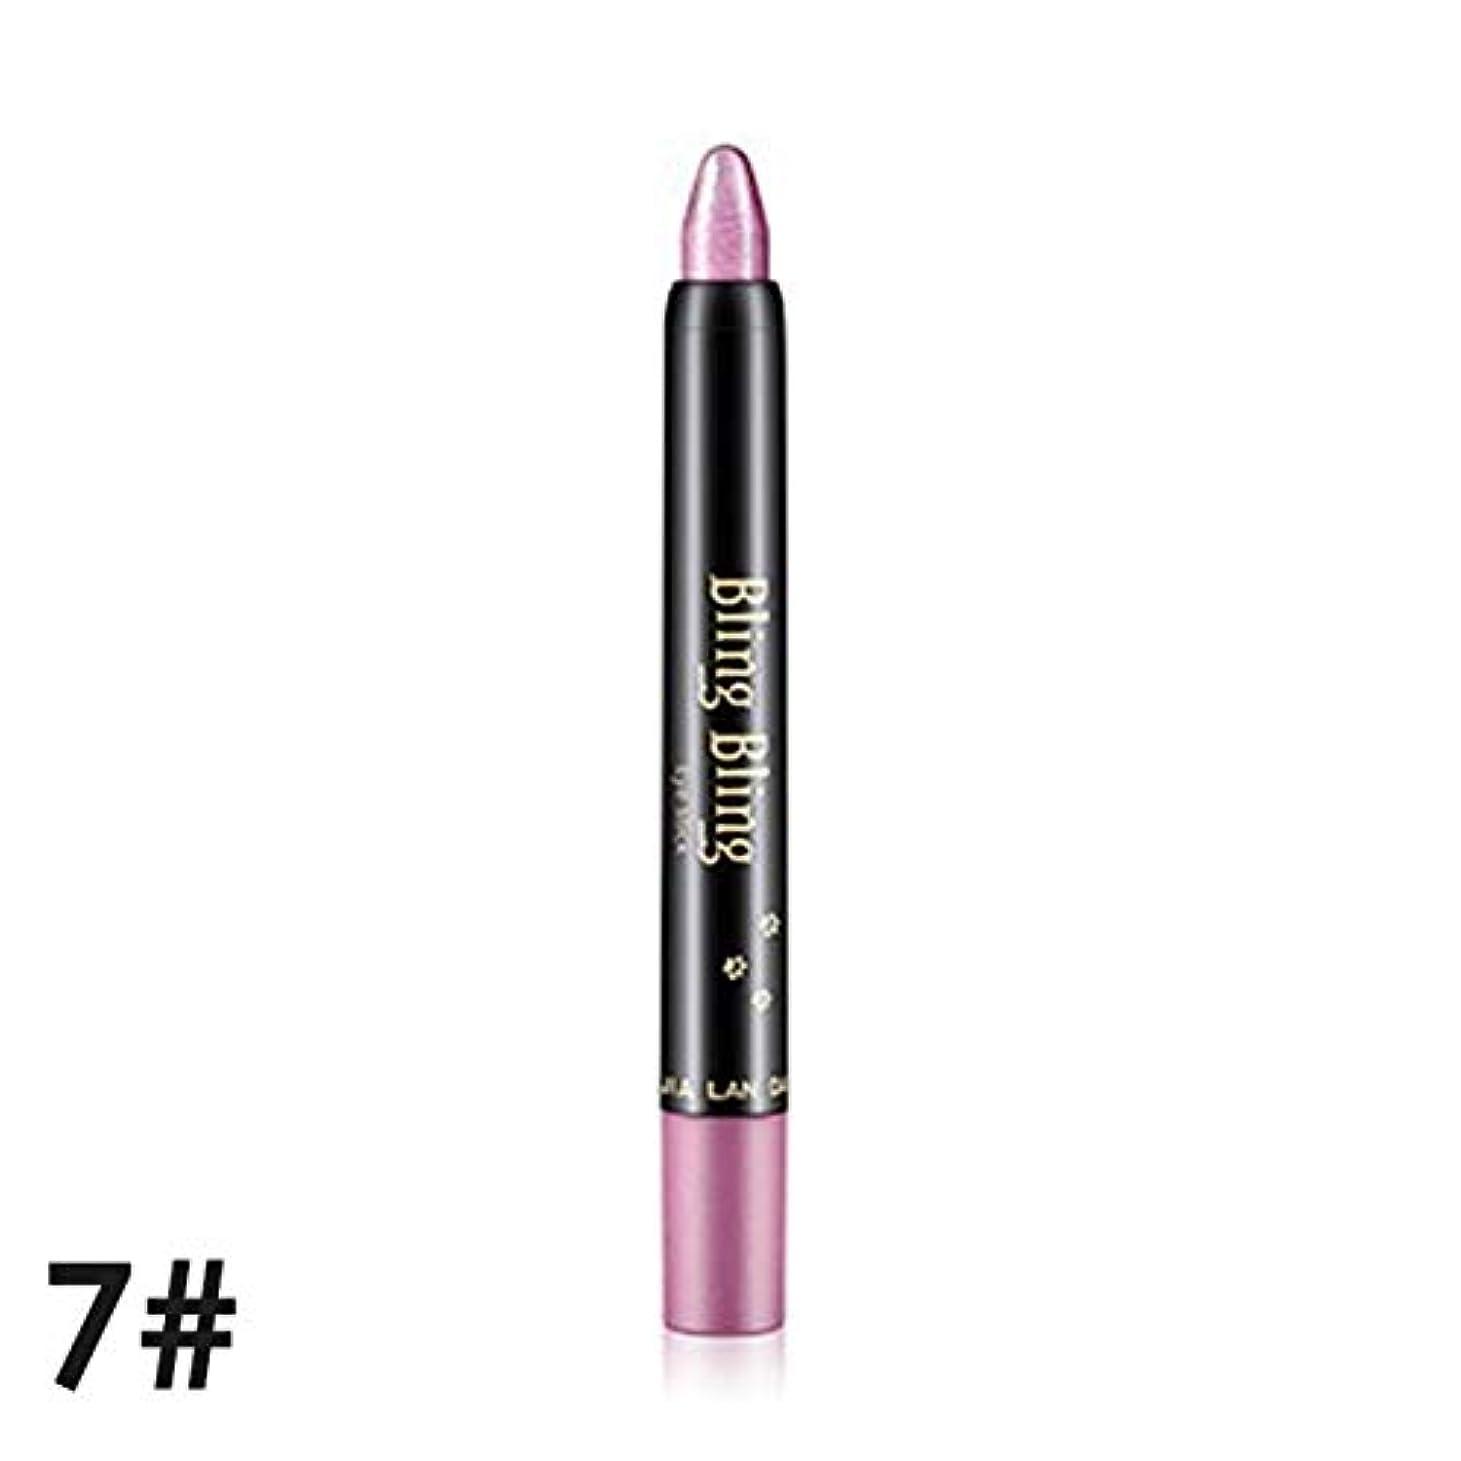 実装する甘くする取り付け健康と美容アイシャドウ 3 PCSプロフェッショナルビューティ蛍光ペンアイシャドウペンシル 化粧 (色 : 7 Rose powder)